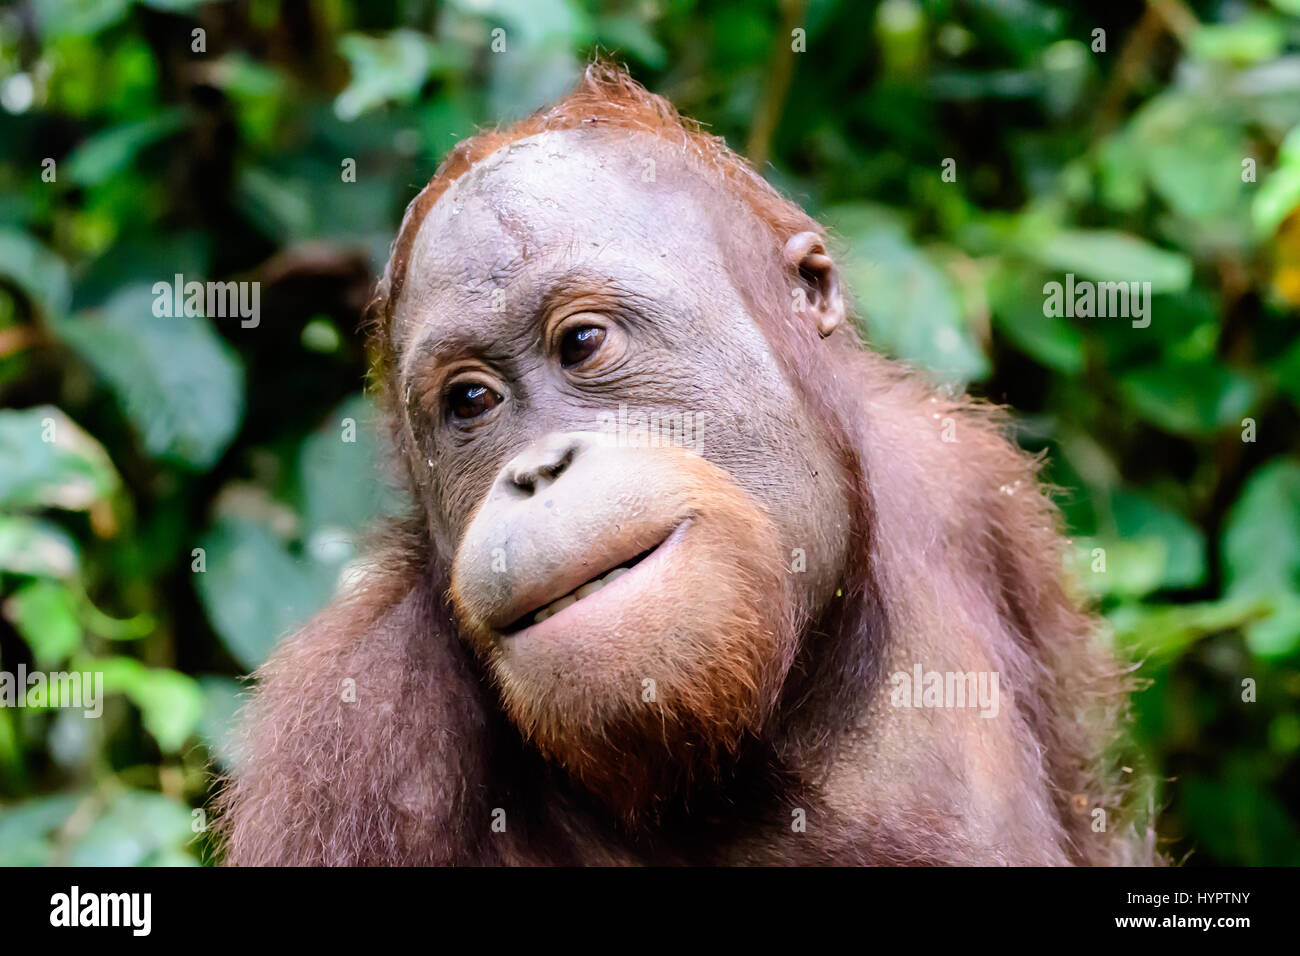 Disparo a la cabeza de un orangután Imagen De Stock